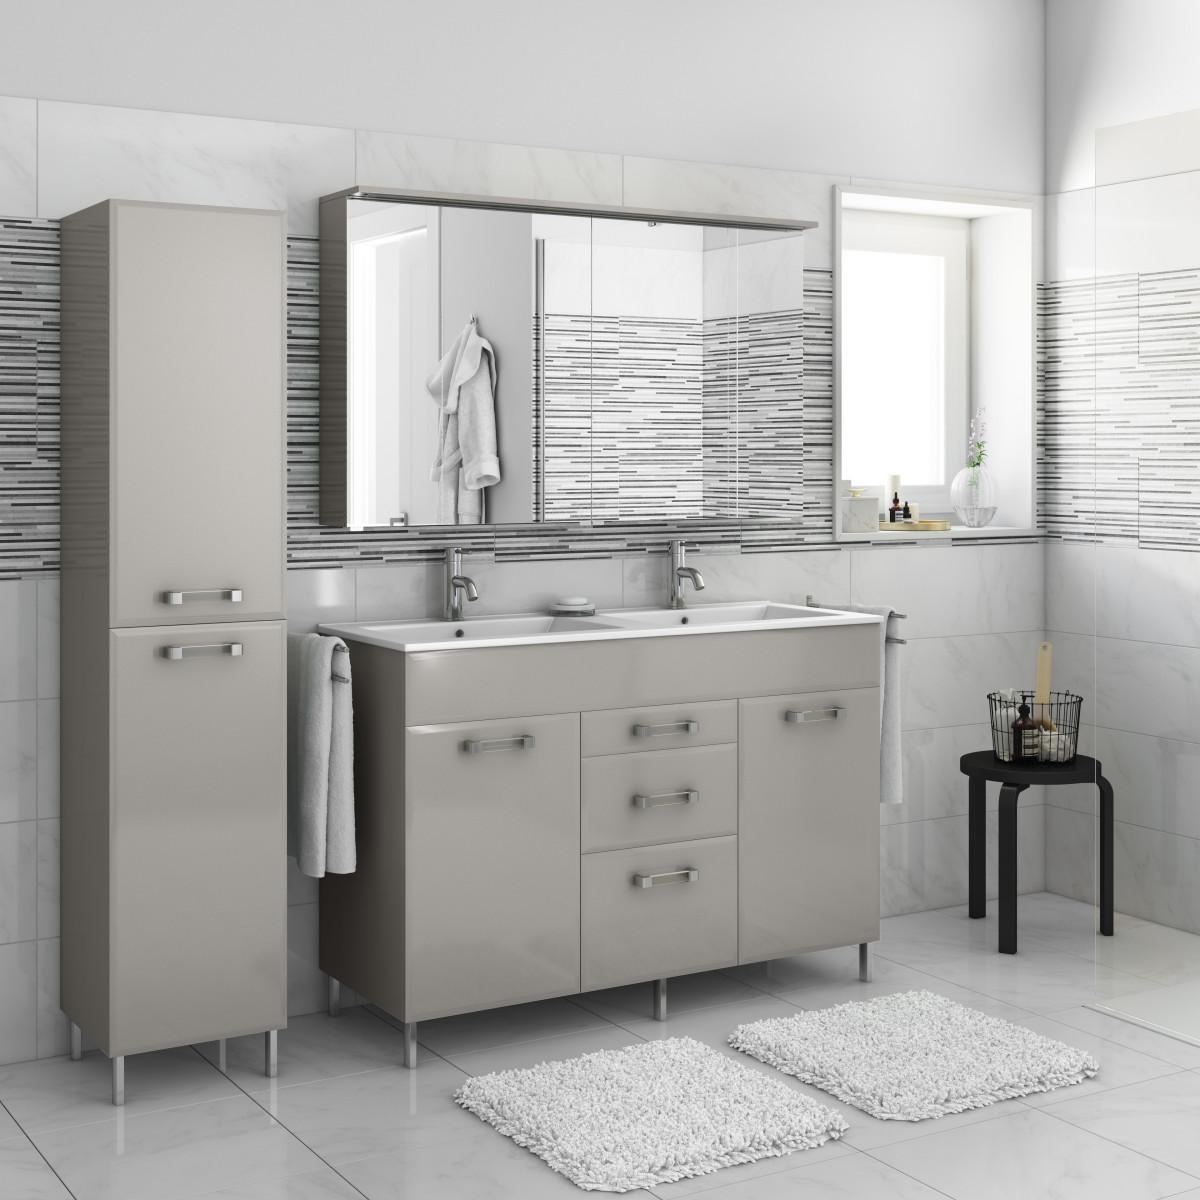 Specchio armadietto bagno - Leroy merlin rubinetti bagno ...